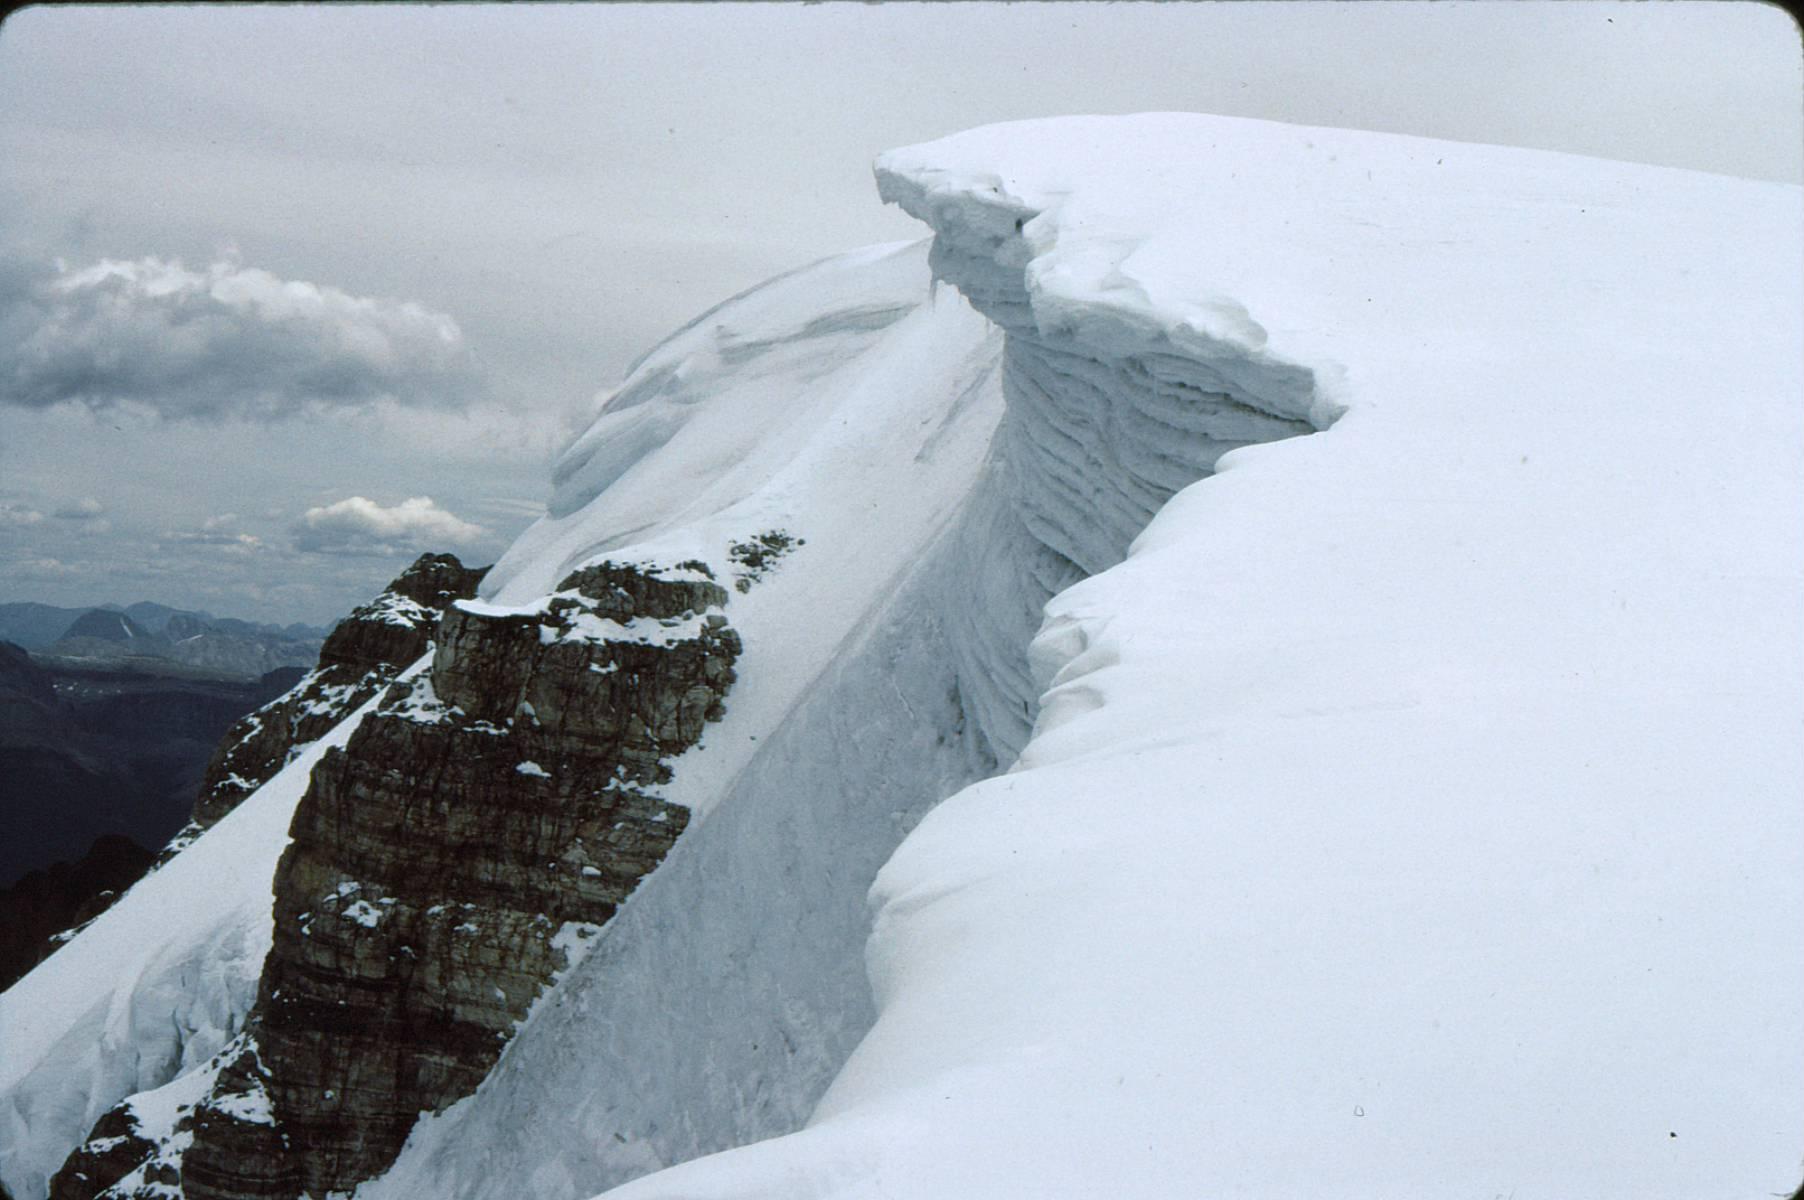 corniced Mt. Fay